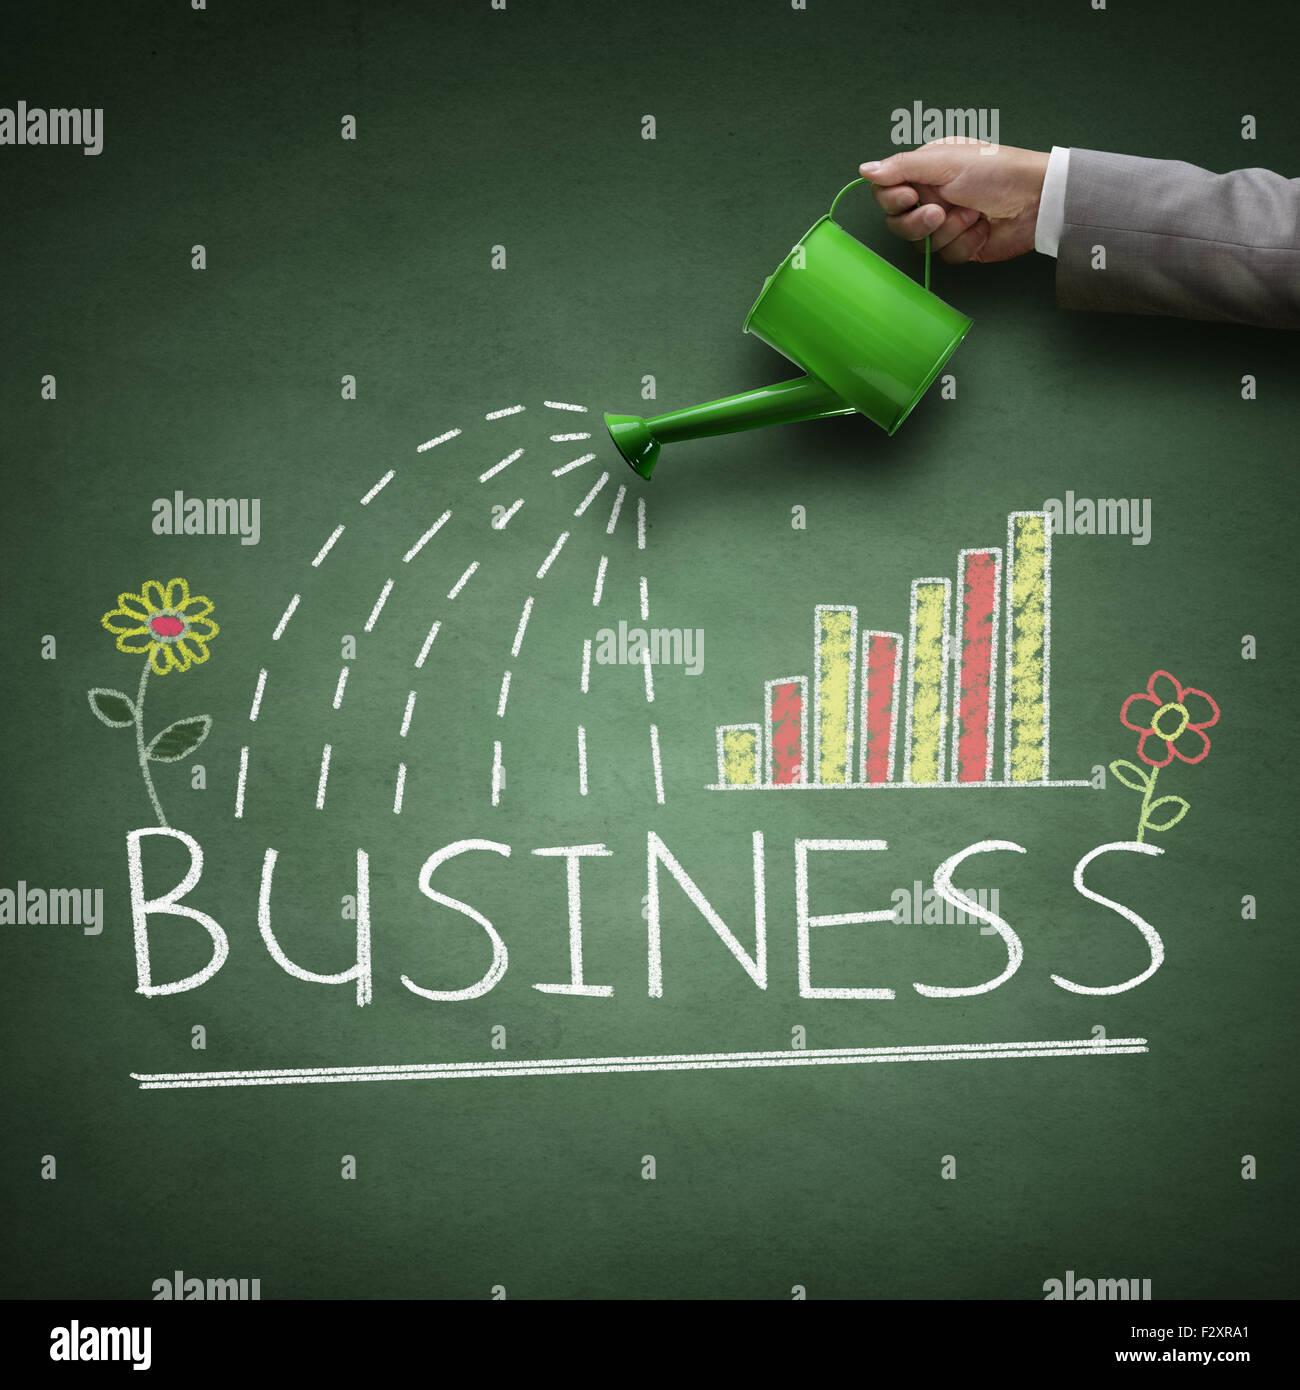 Annaffiatoio e word business disegnato su una lavagna concetto per la crescita del business, investimenti, risparmio Immagini Stock